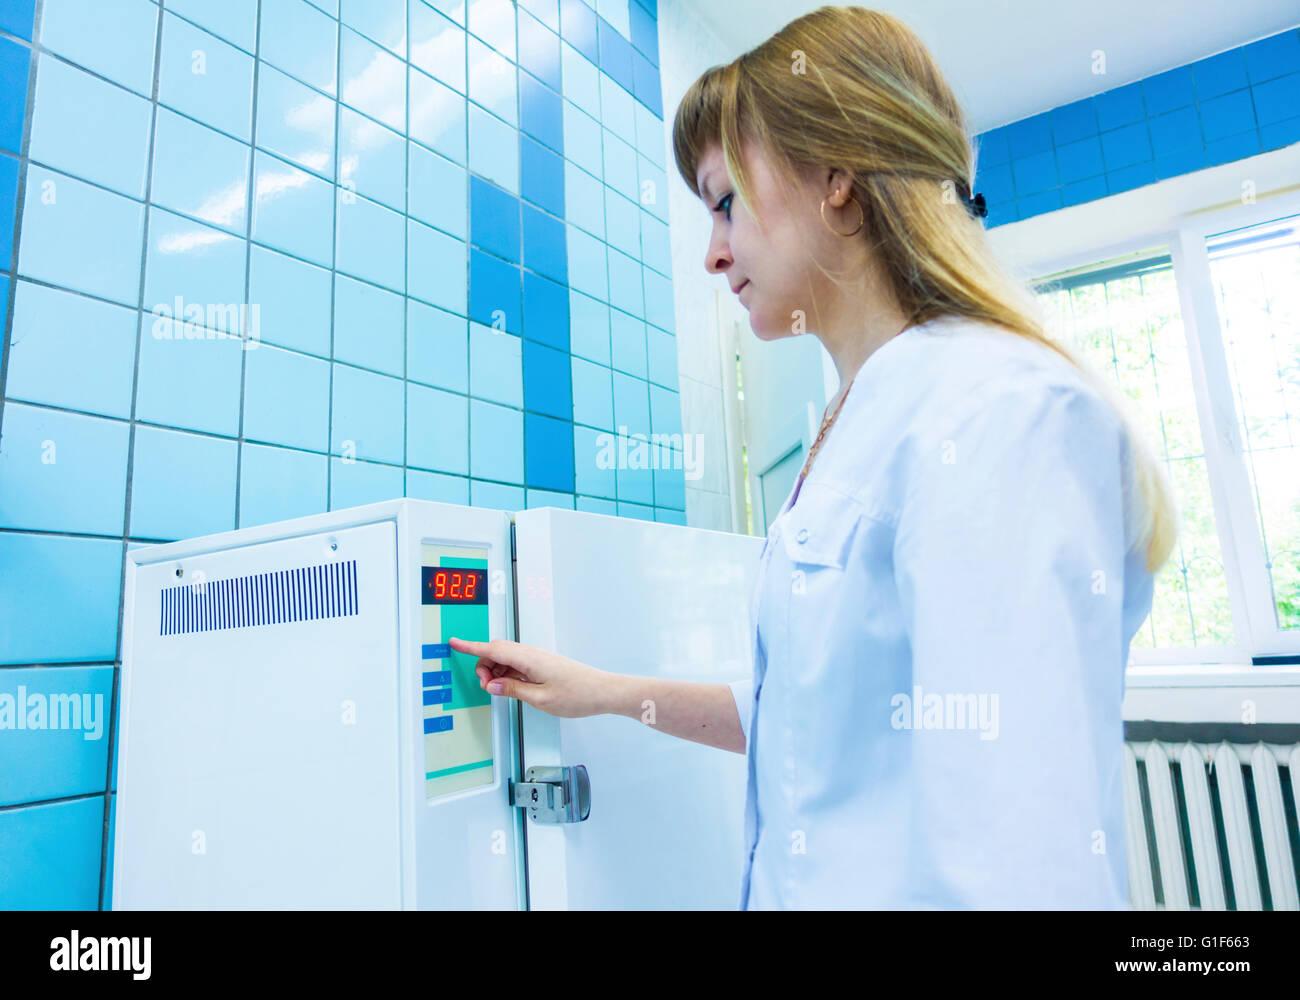 Parution du modèle. La stérilisation d'exploitation des travailleurs pharmaceutiques machine. Photo Stock